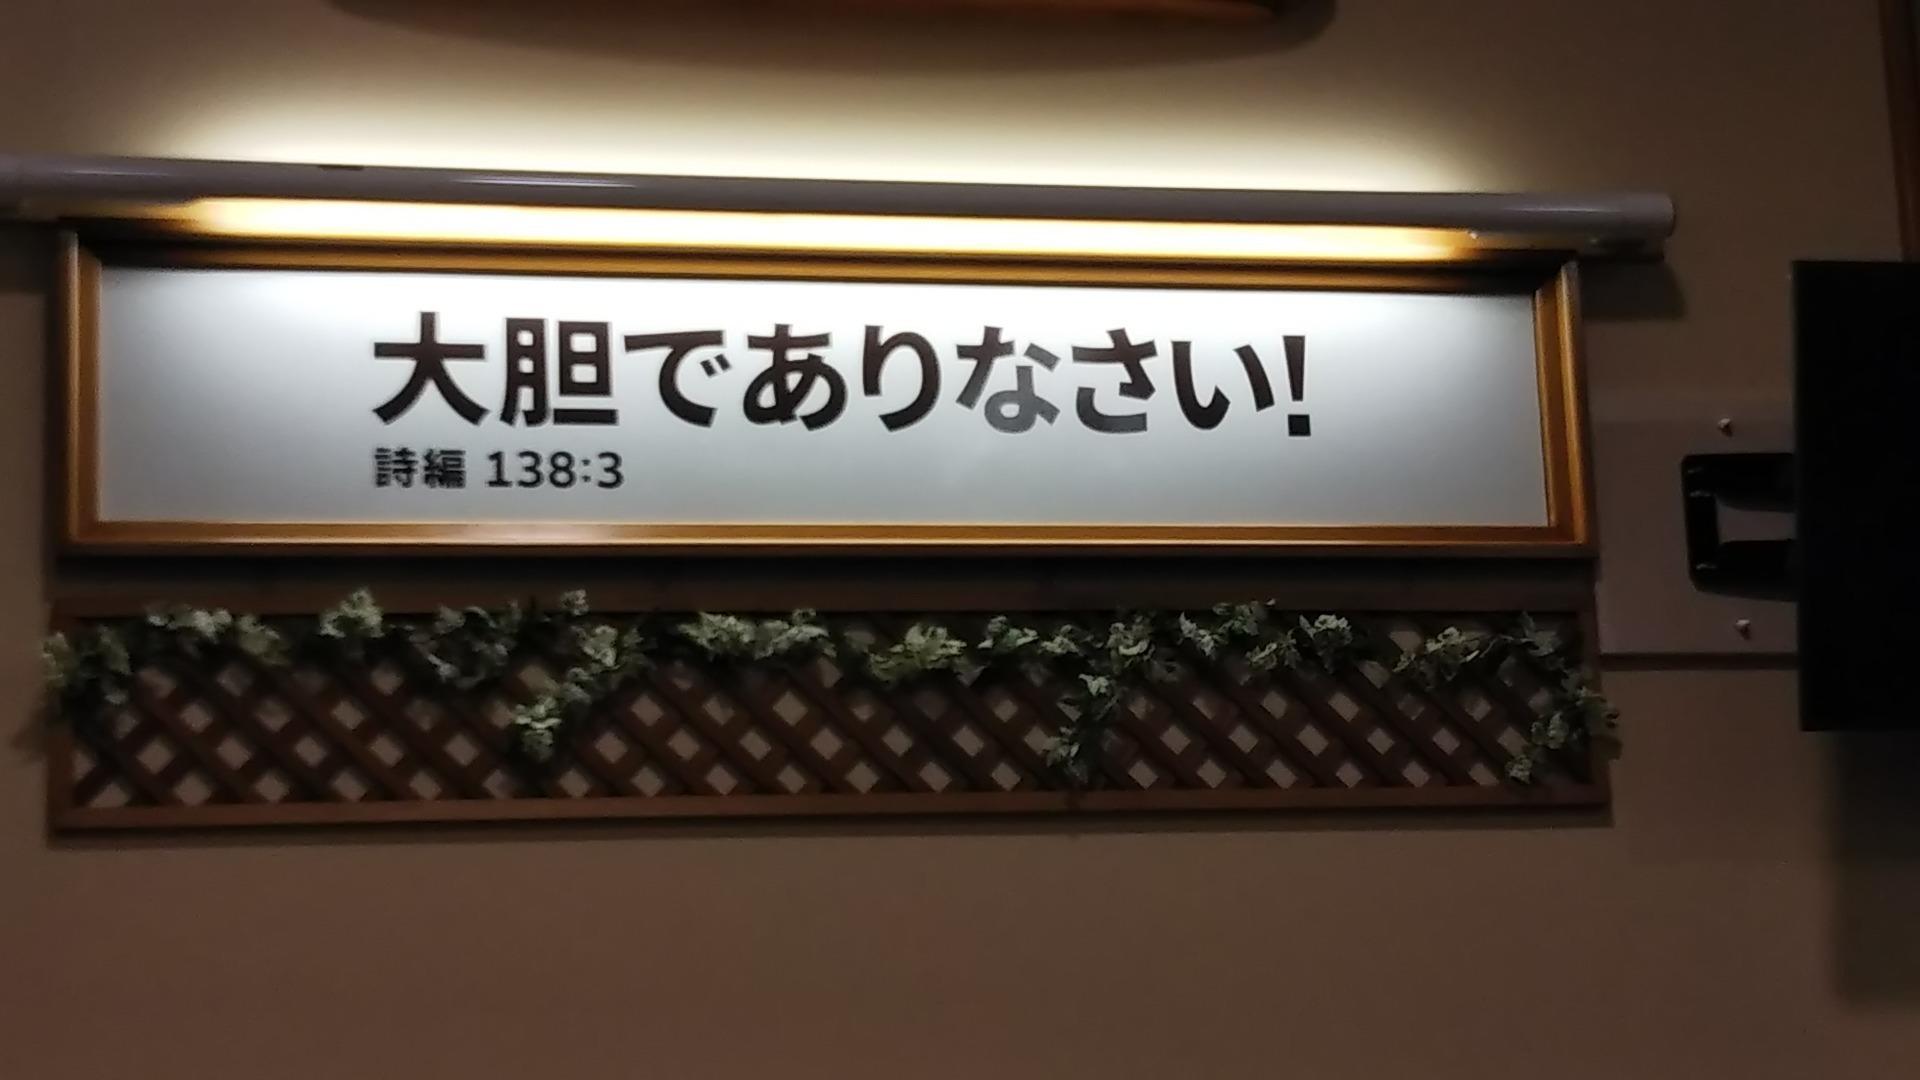 大胆でありなさい!: ムッチーの気まぐれ日記 〜JW ブログ〜